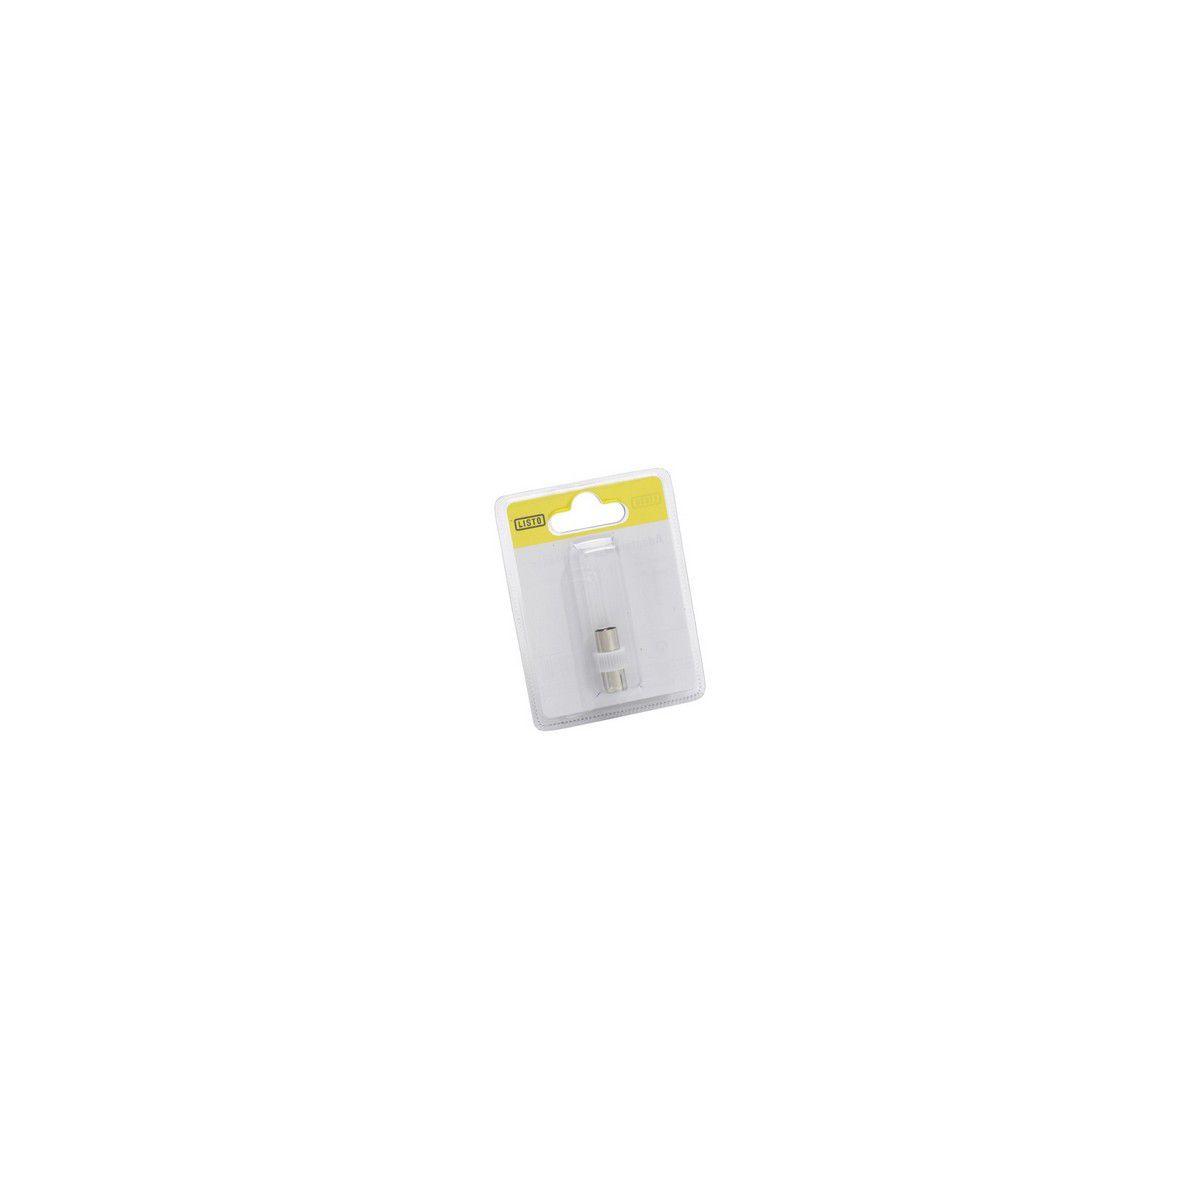 Adaptateur sc coax m 9.5mm/coax f 9mm - produit coup de coeur webdistrib.com ! (photo)